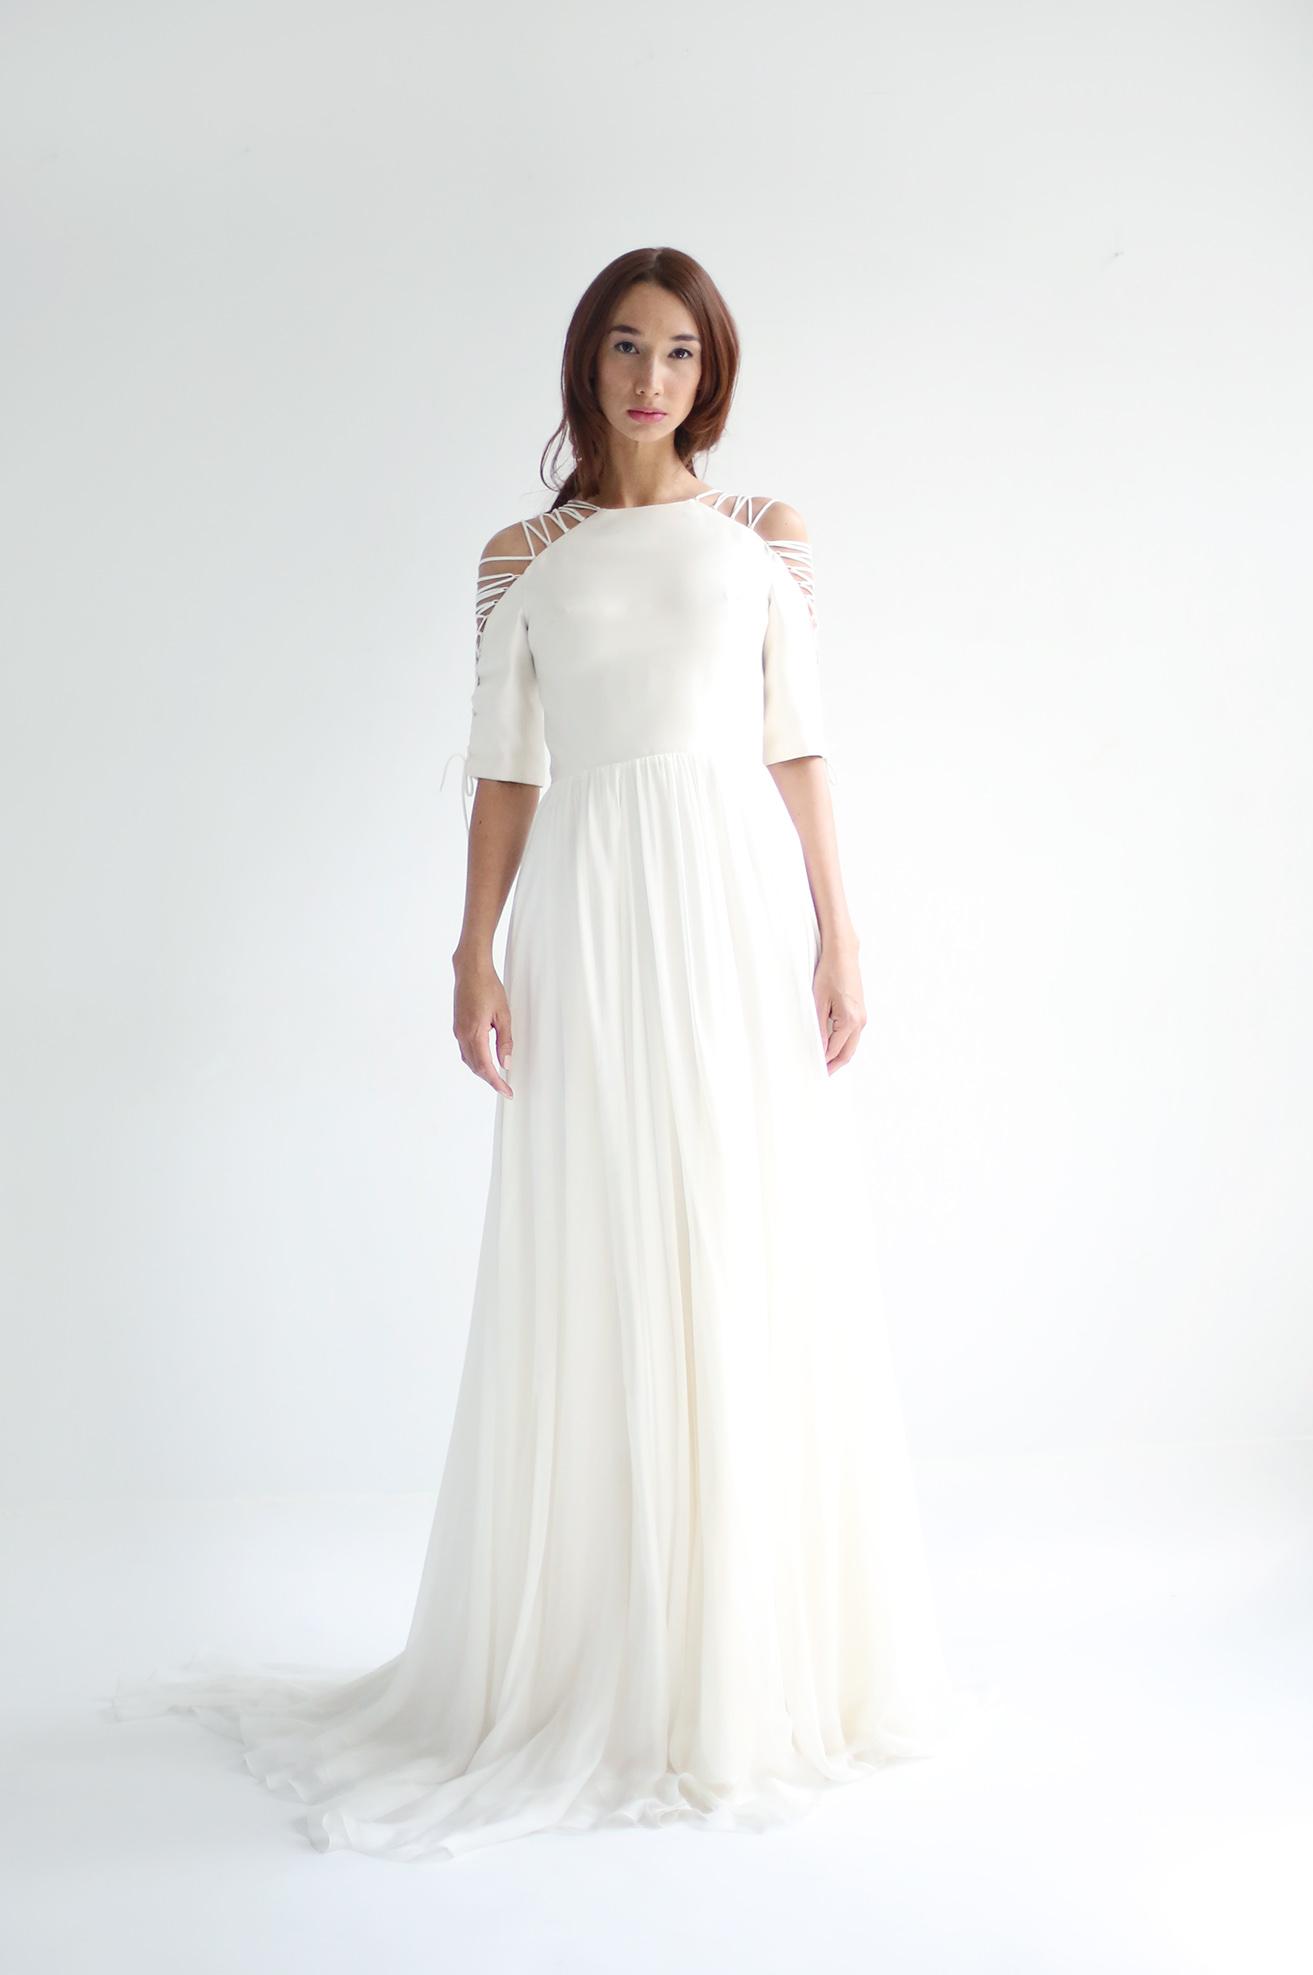 leanne-marshall-bridal-8.jpg